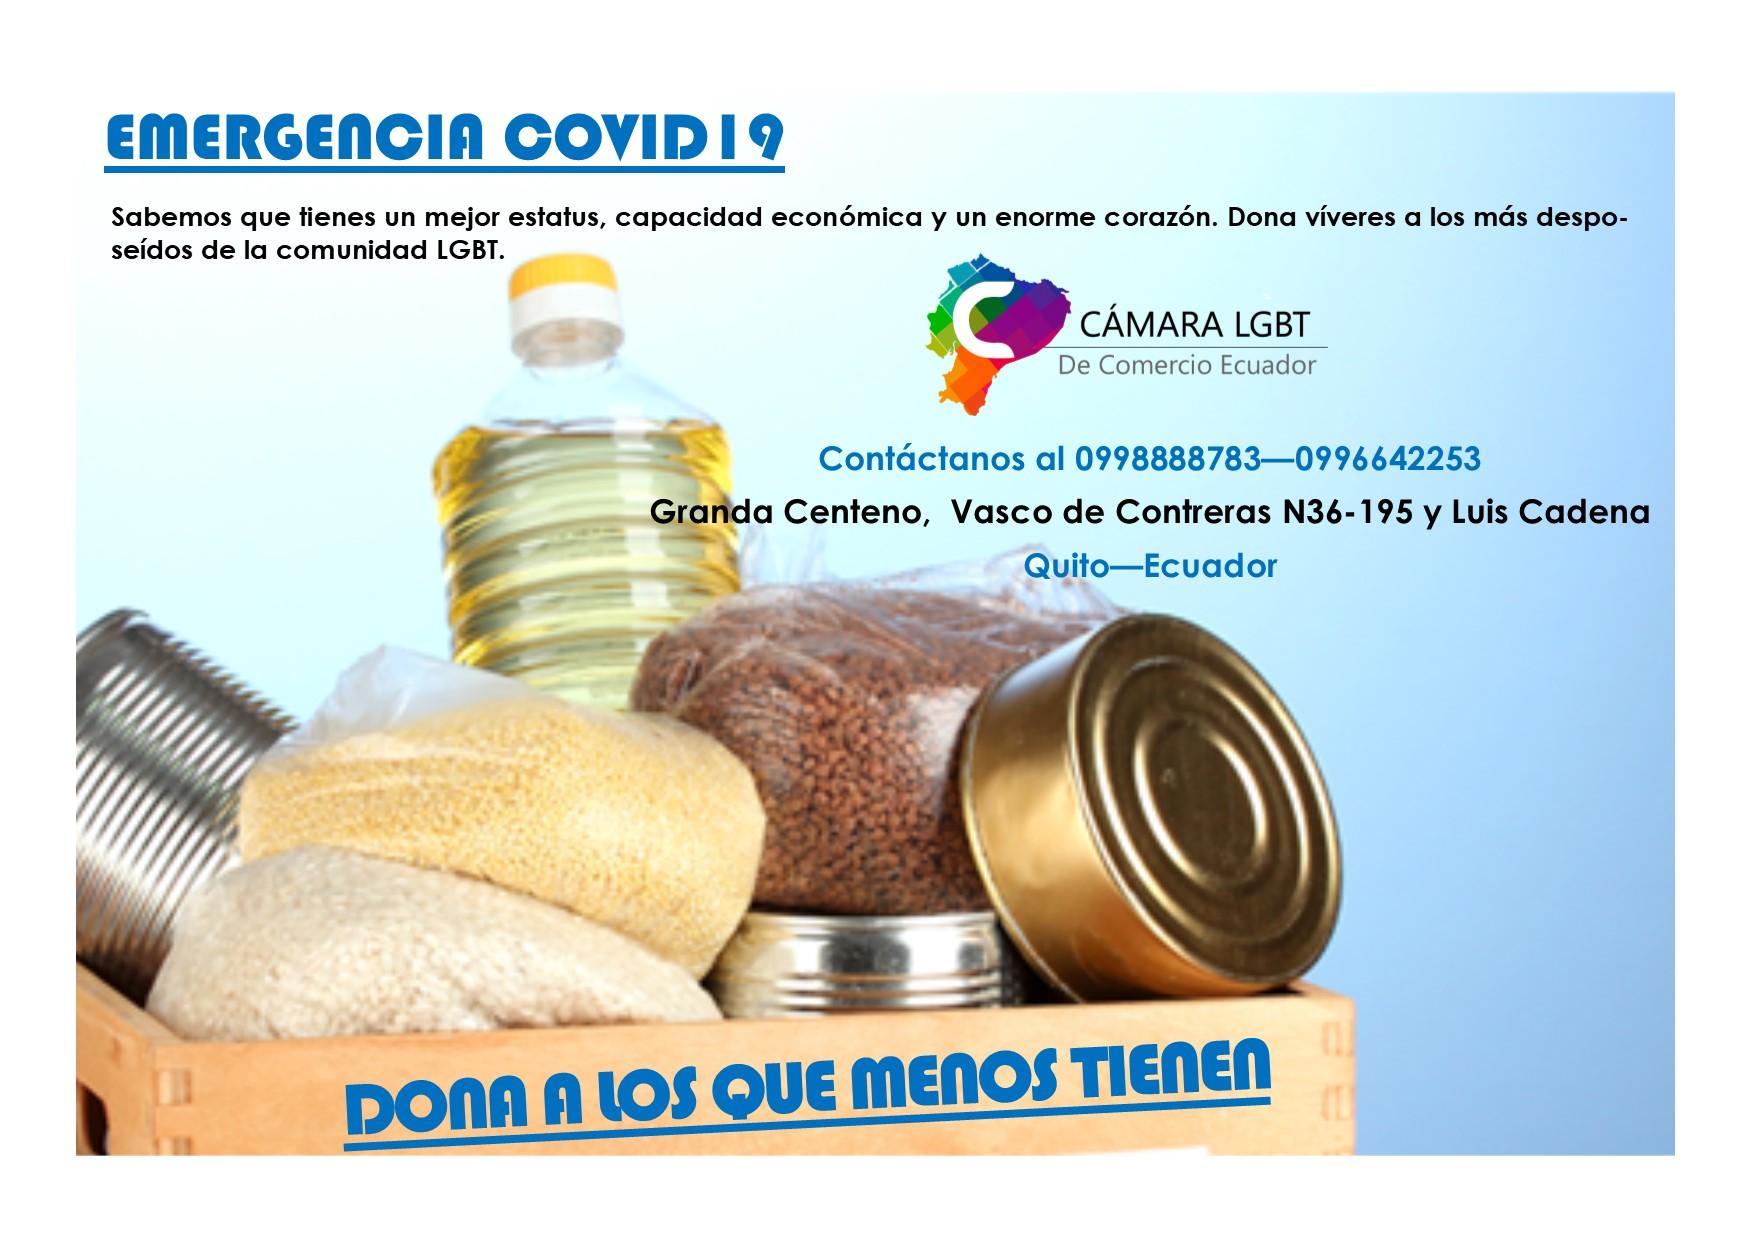 Emergencia covid 19 - Donación de canastas de alimentos no perecibles para LGBT y personas trans - Cámara LGBT de Comercio Ecuador